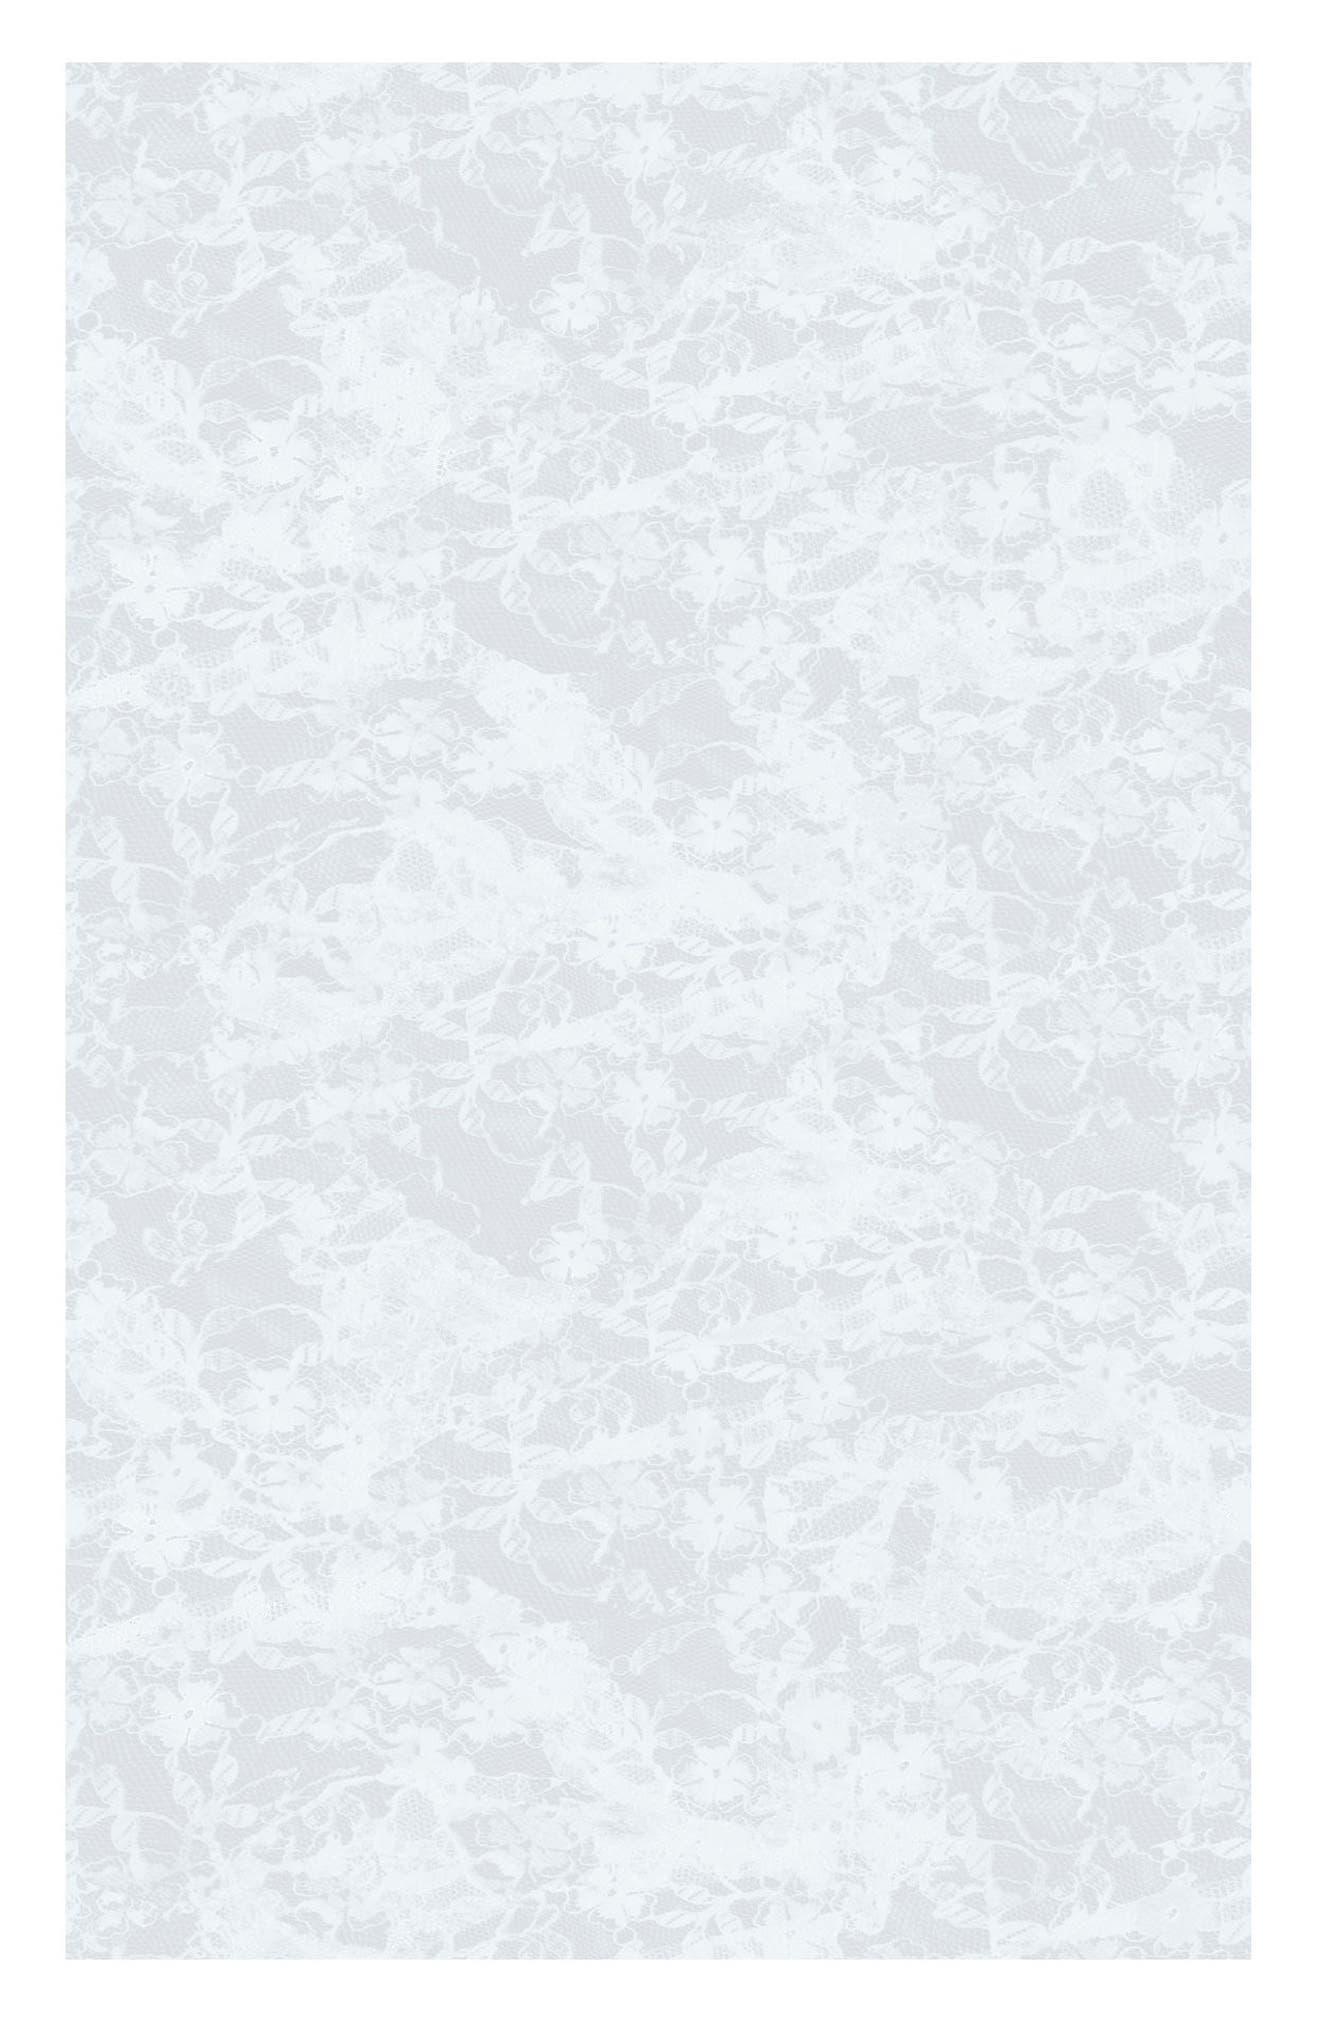 Wallpops Lace  Peel & Stick Vinyl Window Cling